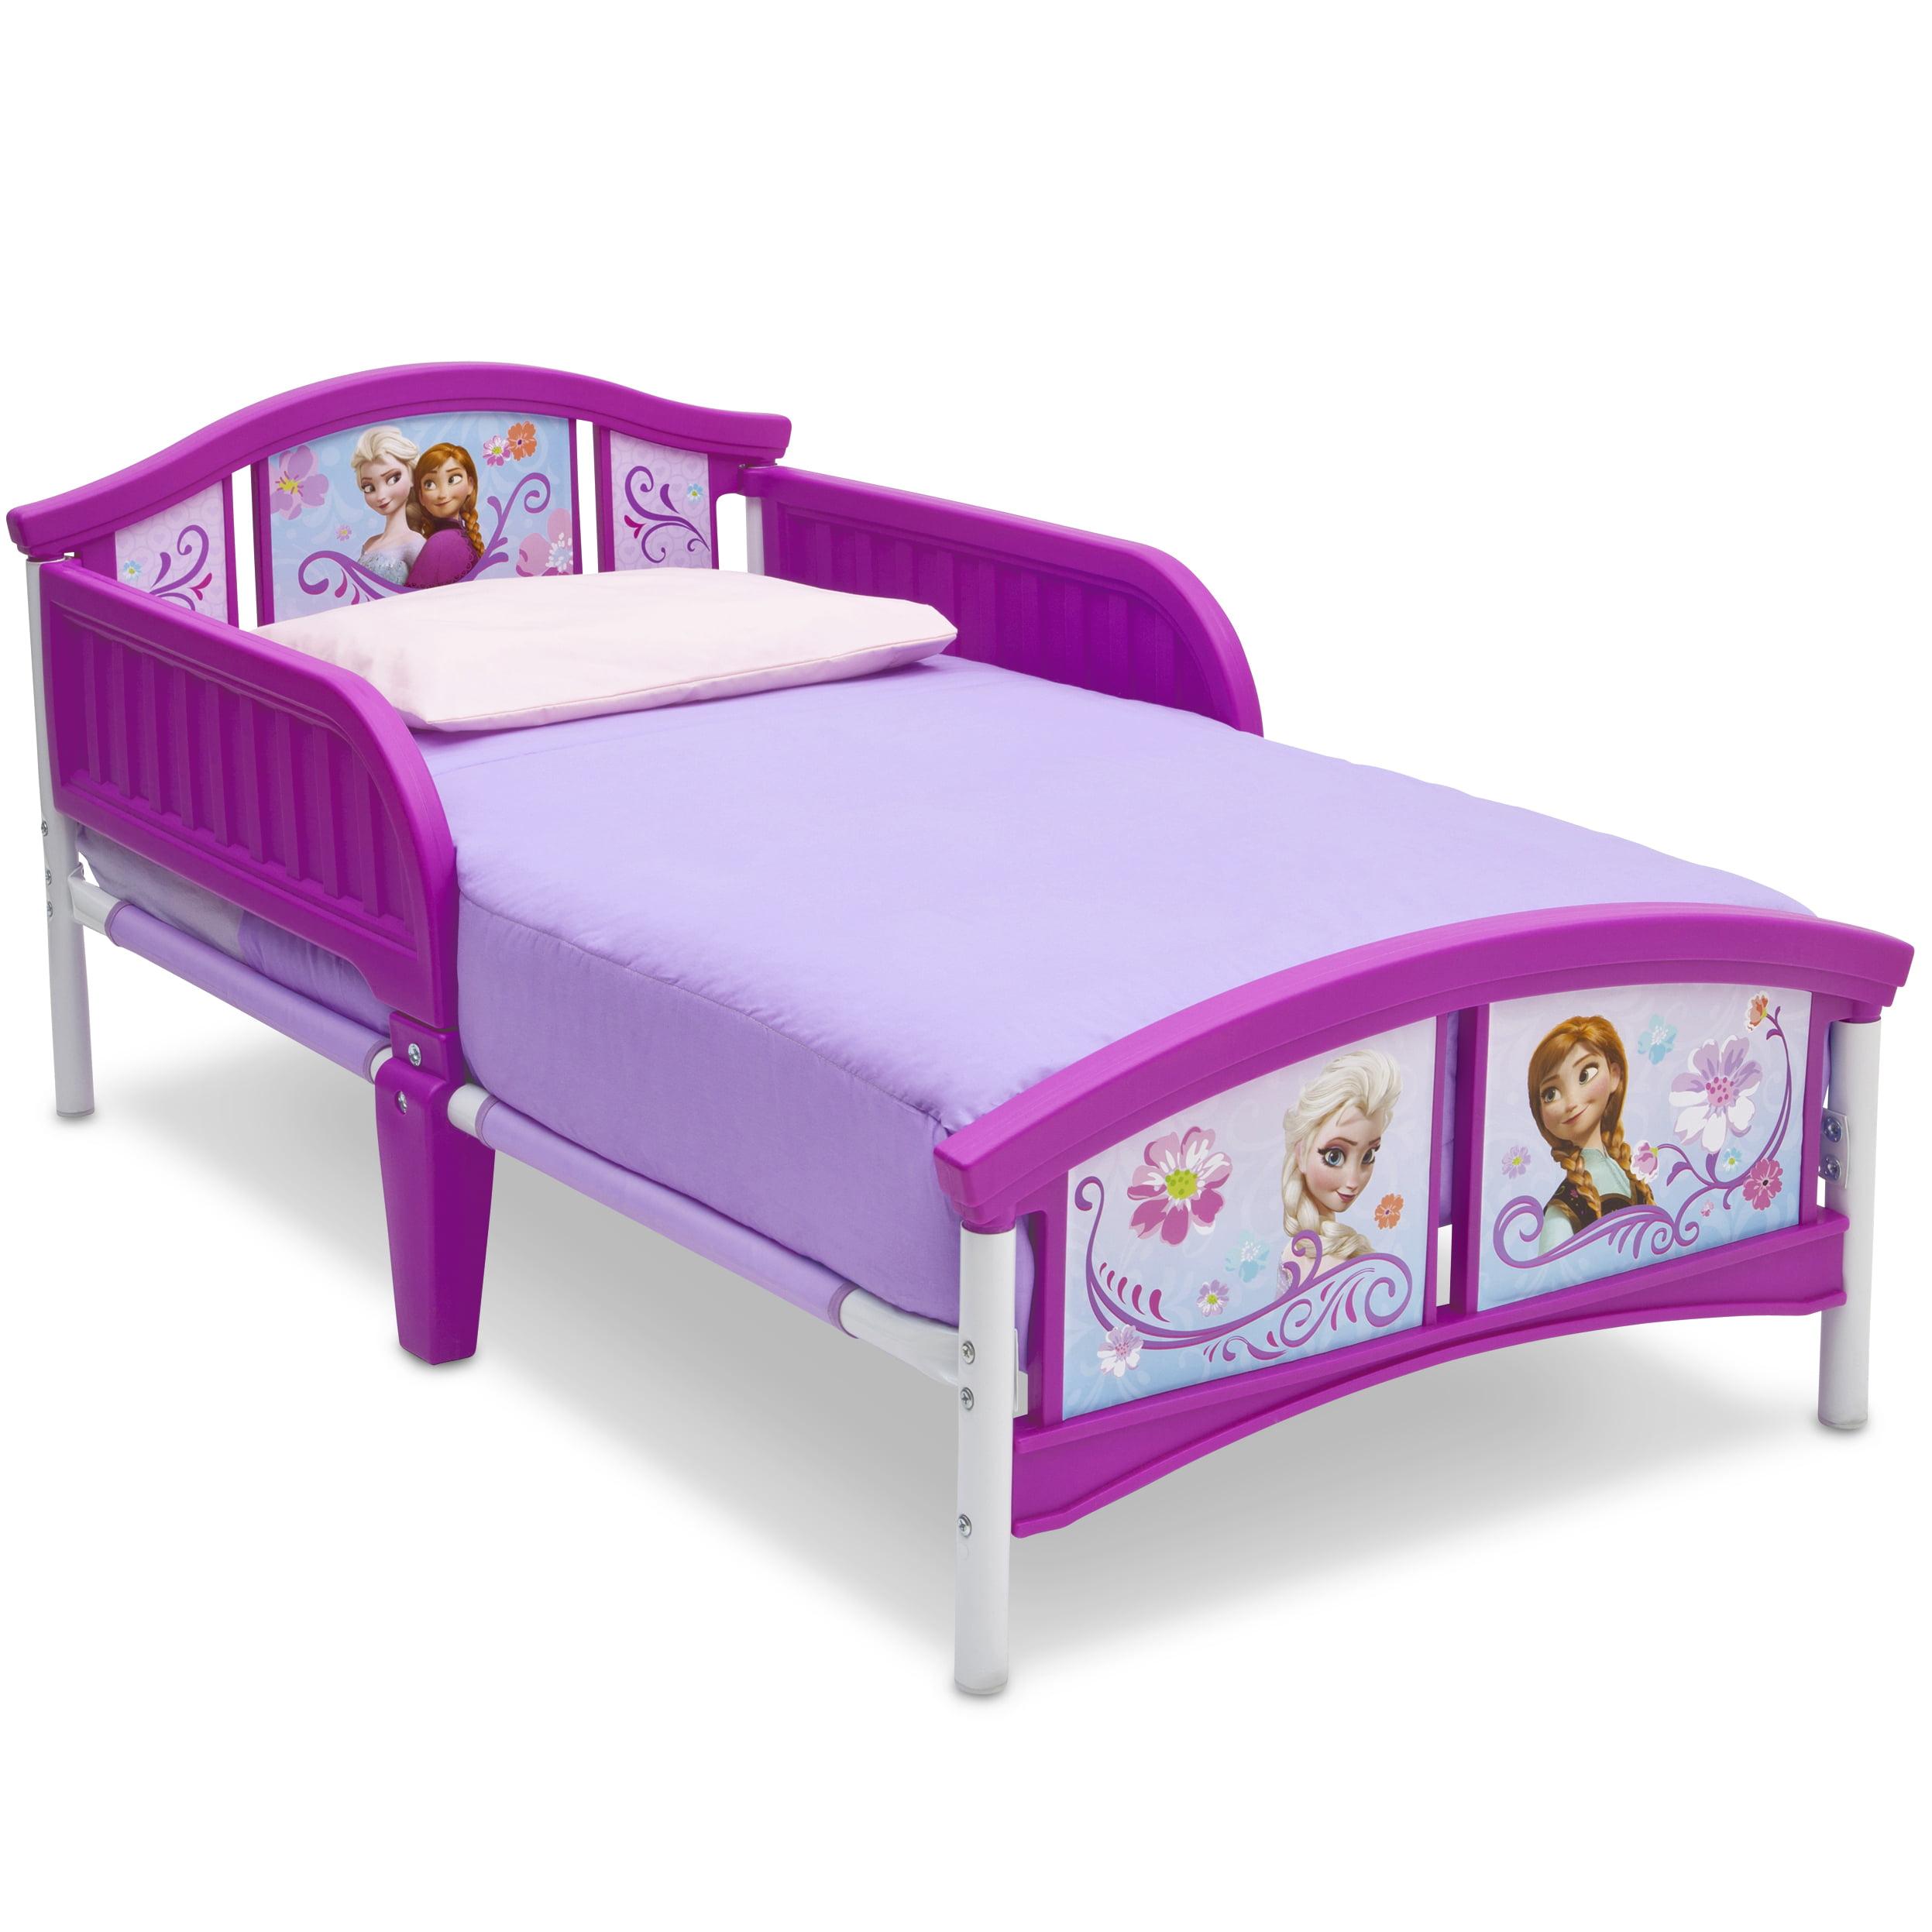 Frozen Bedroom Set Disney Frozen Bedroom Set With Bonus Toy Organizer  Walmart